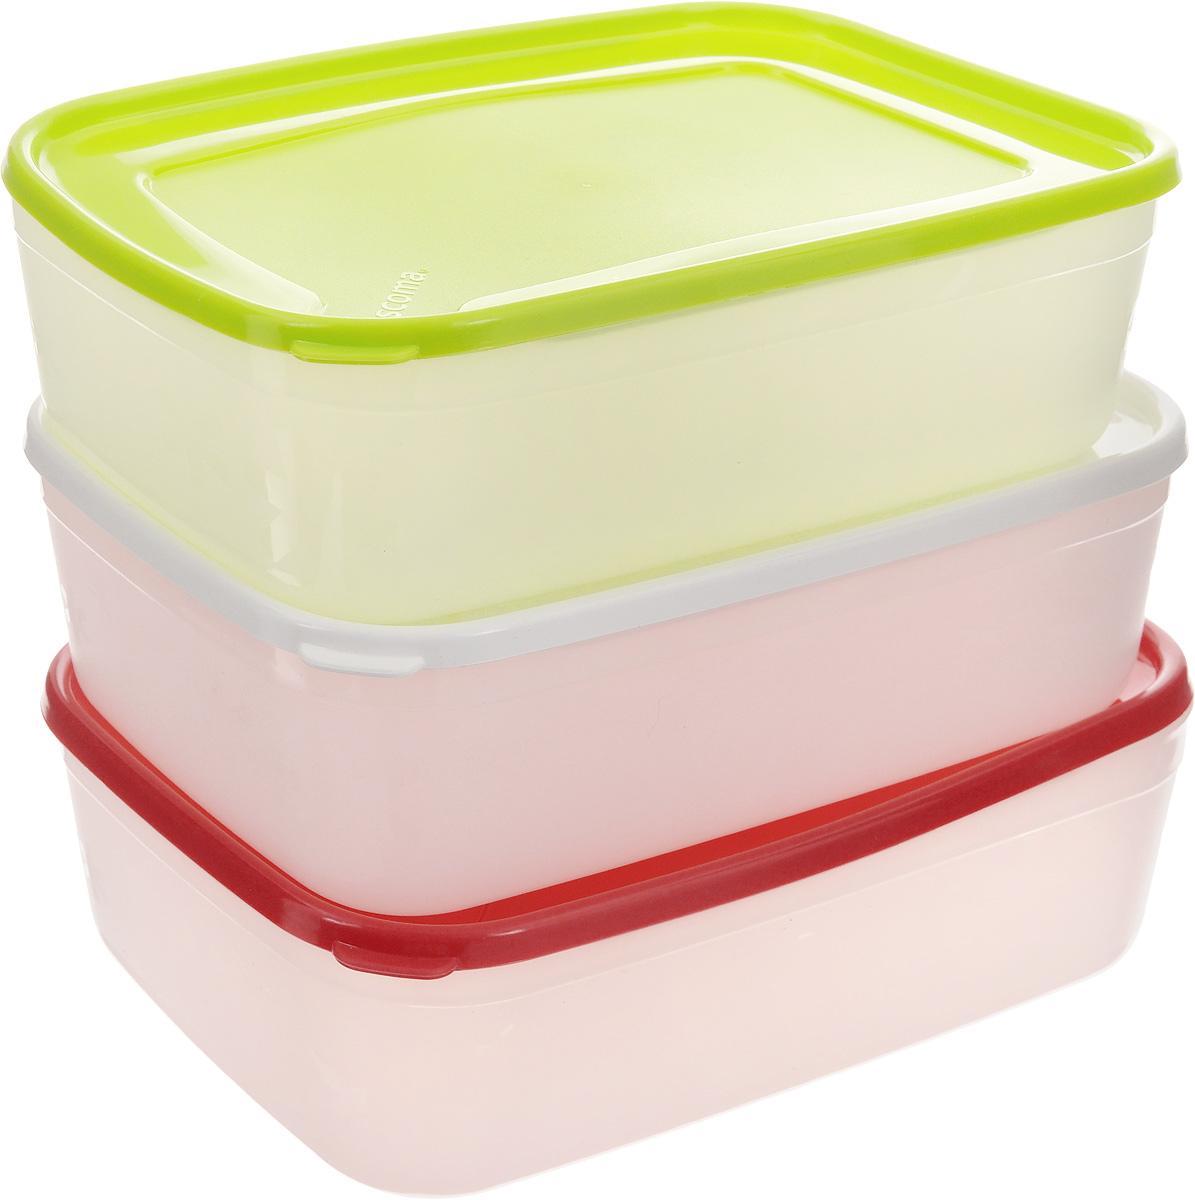 Набор контейнеров для заморозки Tescoma Purity, 1,5 л, 3 шт891866Набор Tescoma Purity, выполненный из высококачественного пищевого пластика, состоит из трех контейнеров с плотно закрывающимися цветными крышками. Изделия отлично подходят для хранения продуктов в морозильной камере или холодильнике. Контейнеры удобно складываются друг в друга, что экономит пространство при хранении в шкафу. Пригодны для морозильников, холодильников, микроволновых печей. При использовании в микроволновой печи всегда оставляйте крышку приоткрытой. Можно мыть в посудомоечной машине. Объем контейнера: 1,5 л. Размер контейнера (без учета крышки): 21 х 14,5 х 6,7 см.